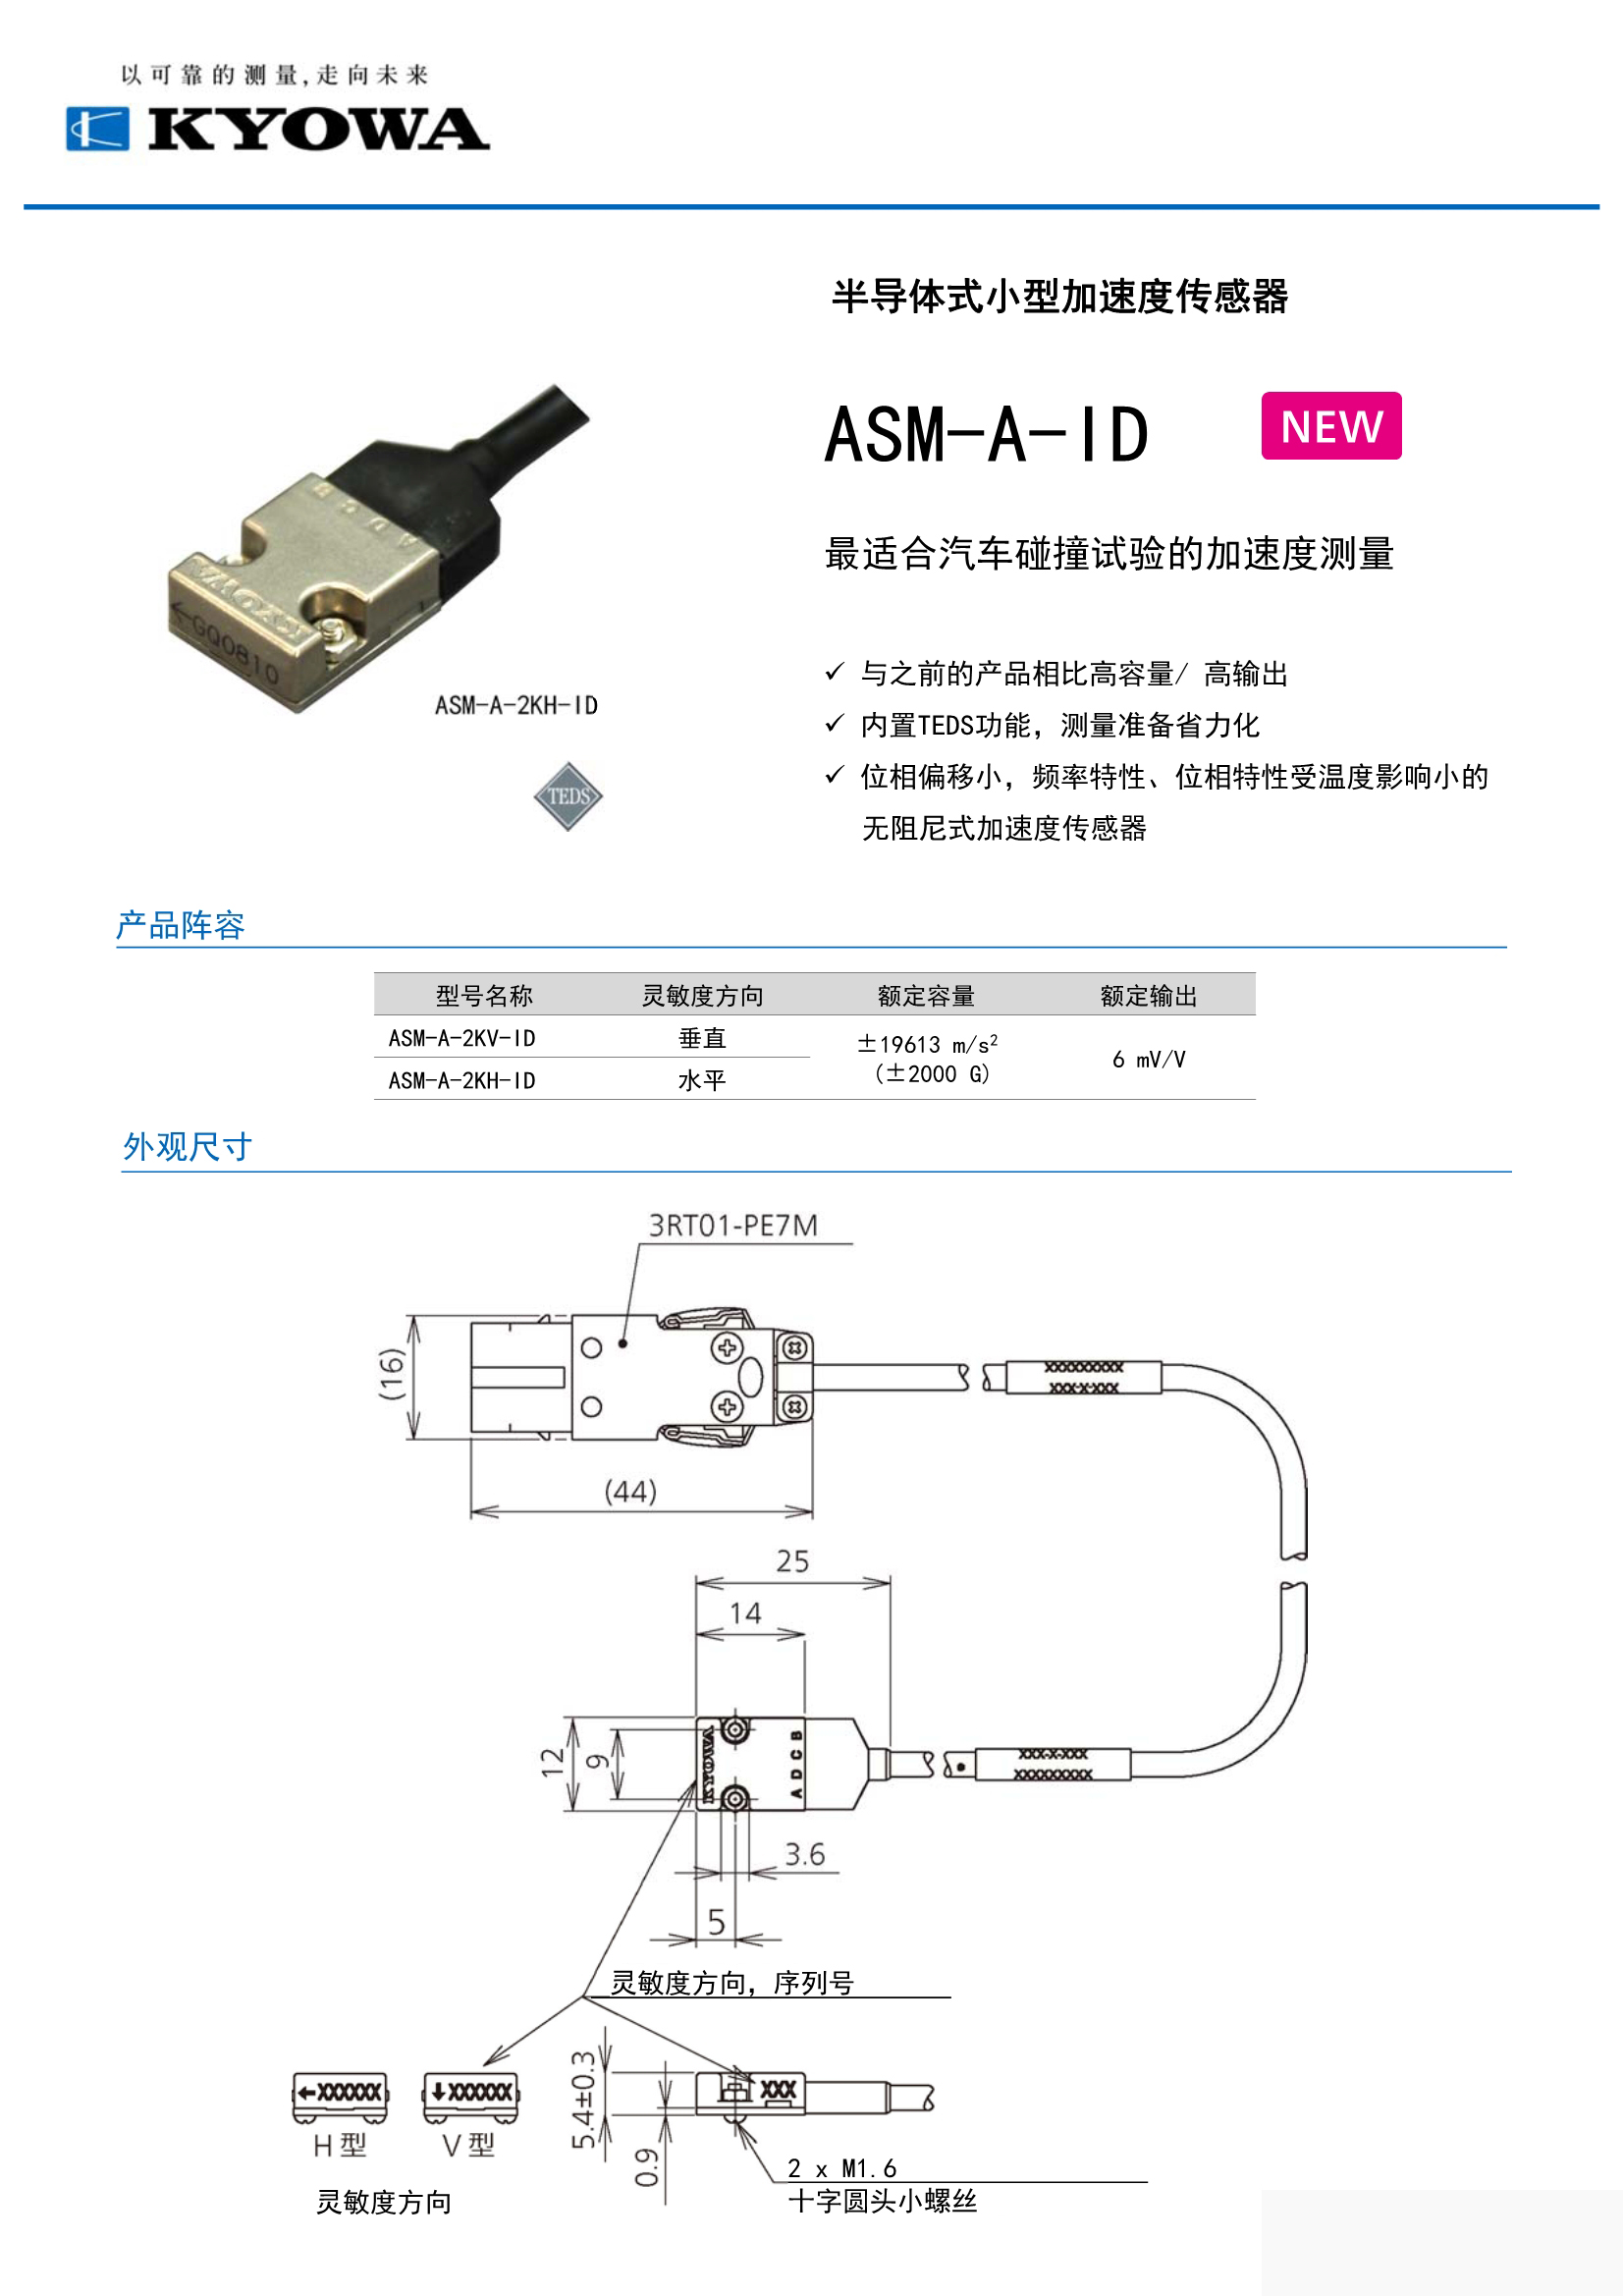 ASM-A-ID小型加速度传感器半导体式-日本kyowa